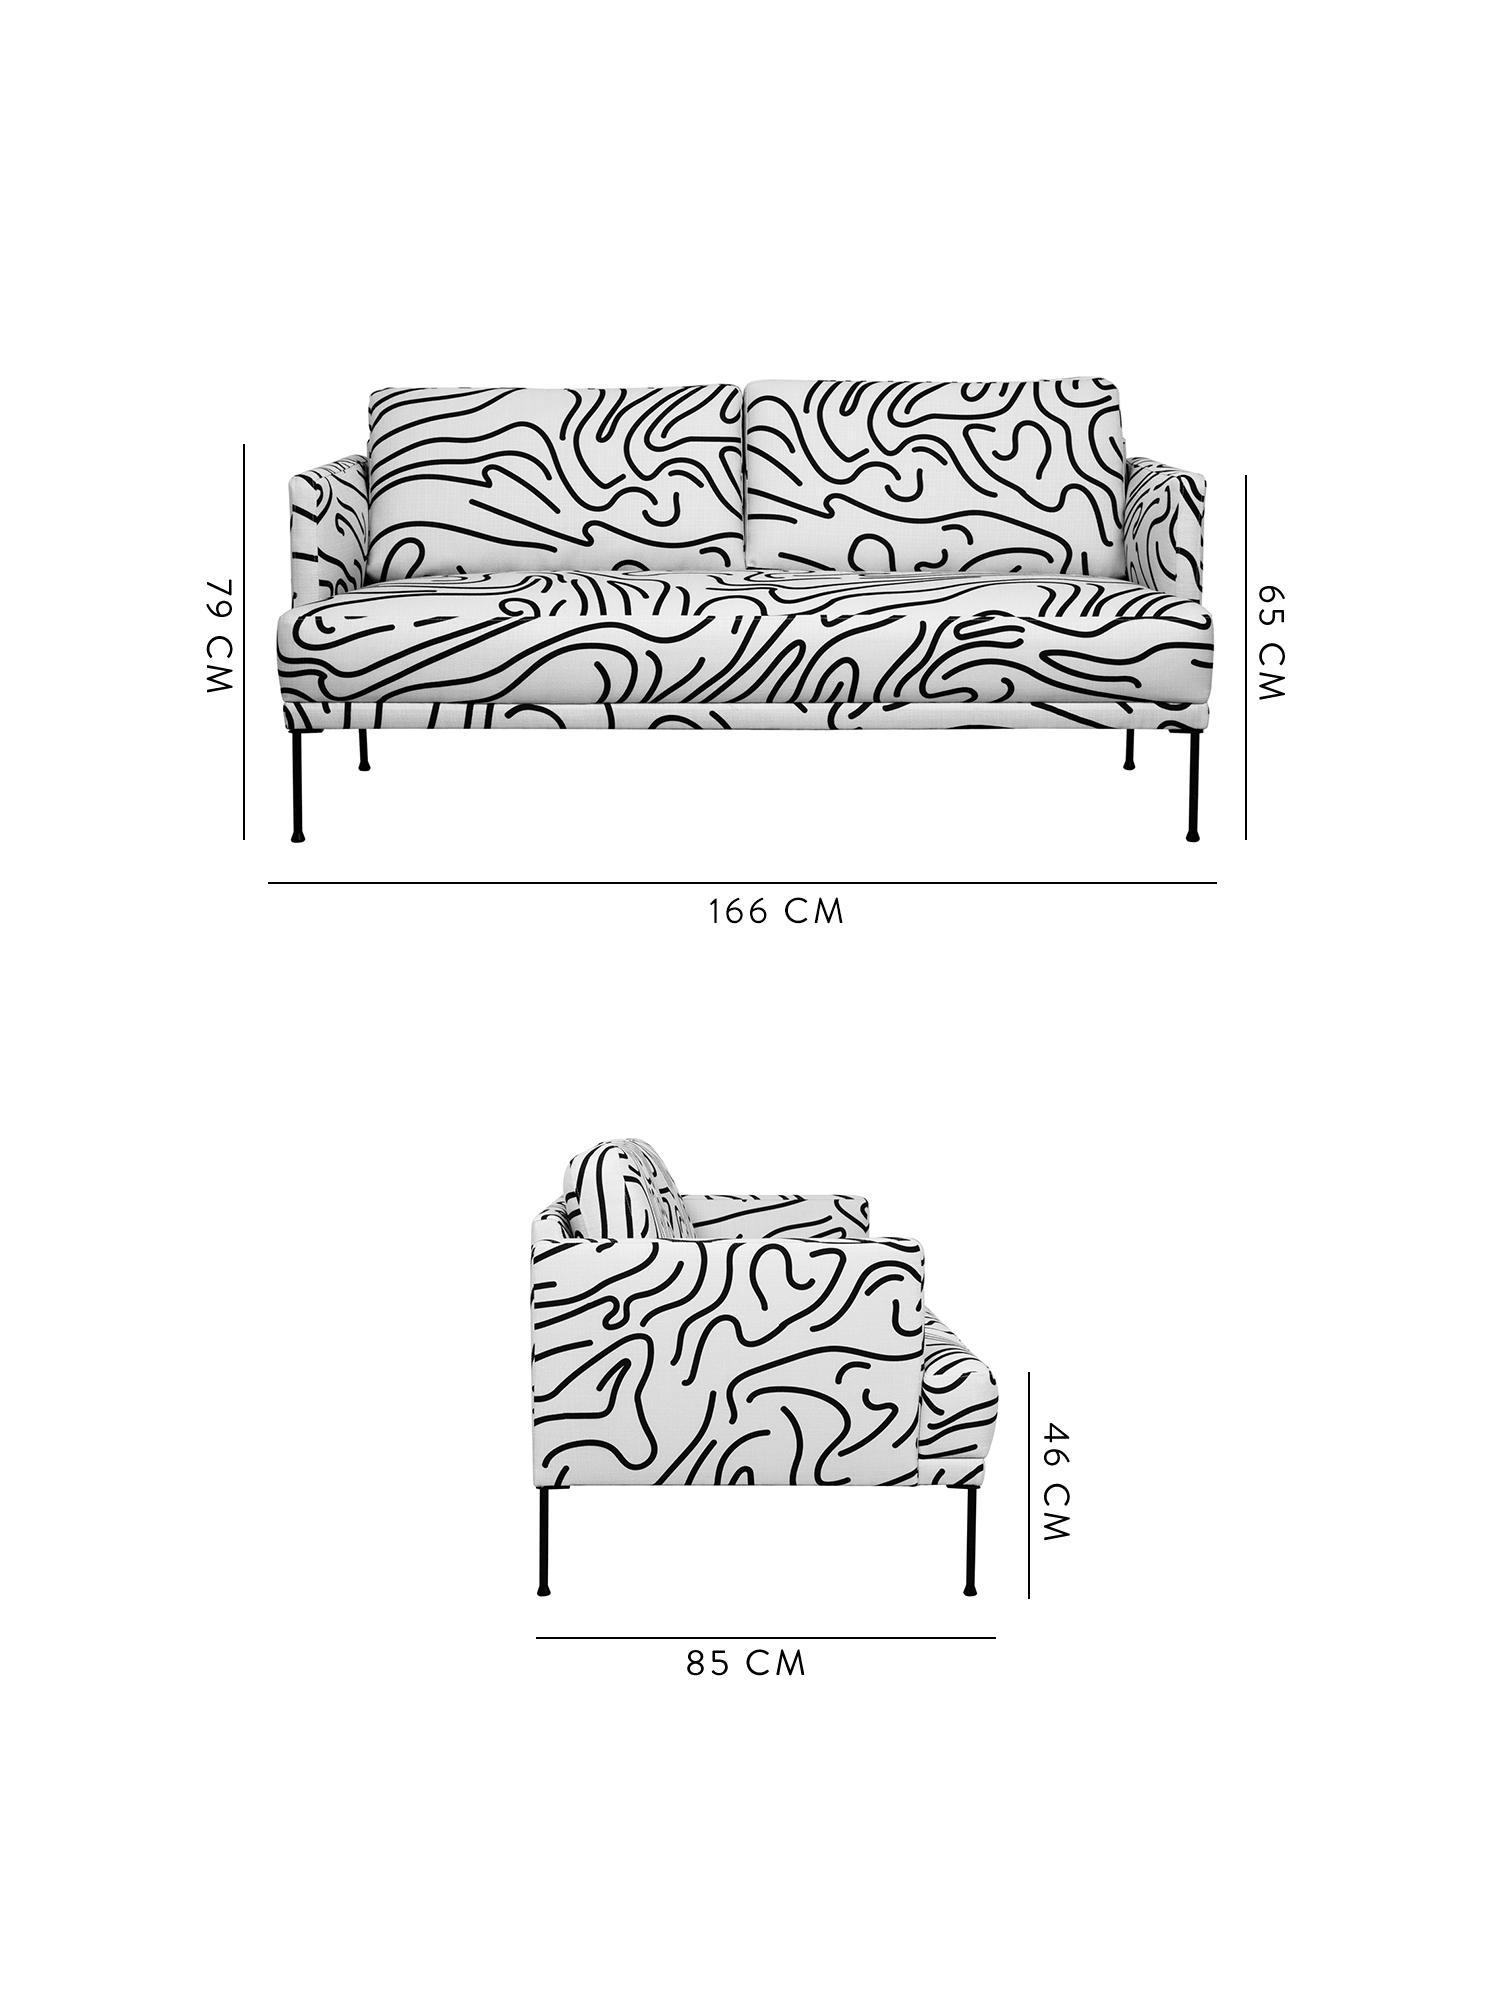 Sofa Fluente (2-Sitzer), Bezug: 100% Polyester Der hochwe, Gestell: Massives Kiefernholz, Webstoff Weiss, B 166 x T 85 cm